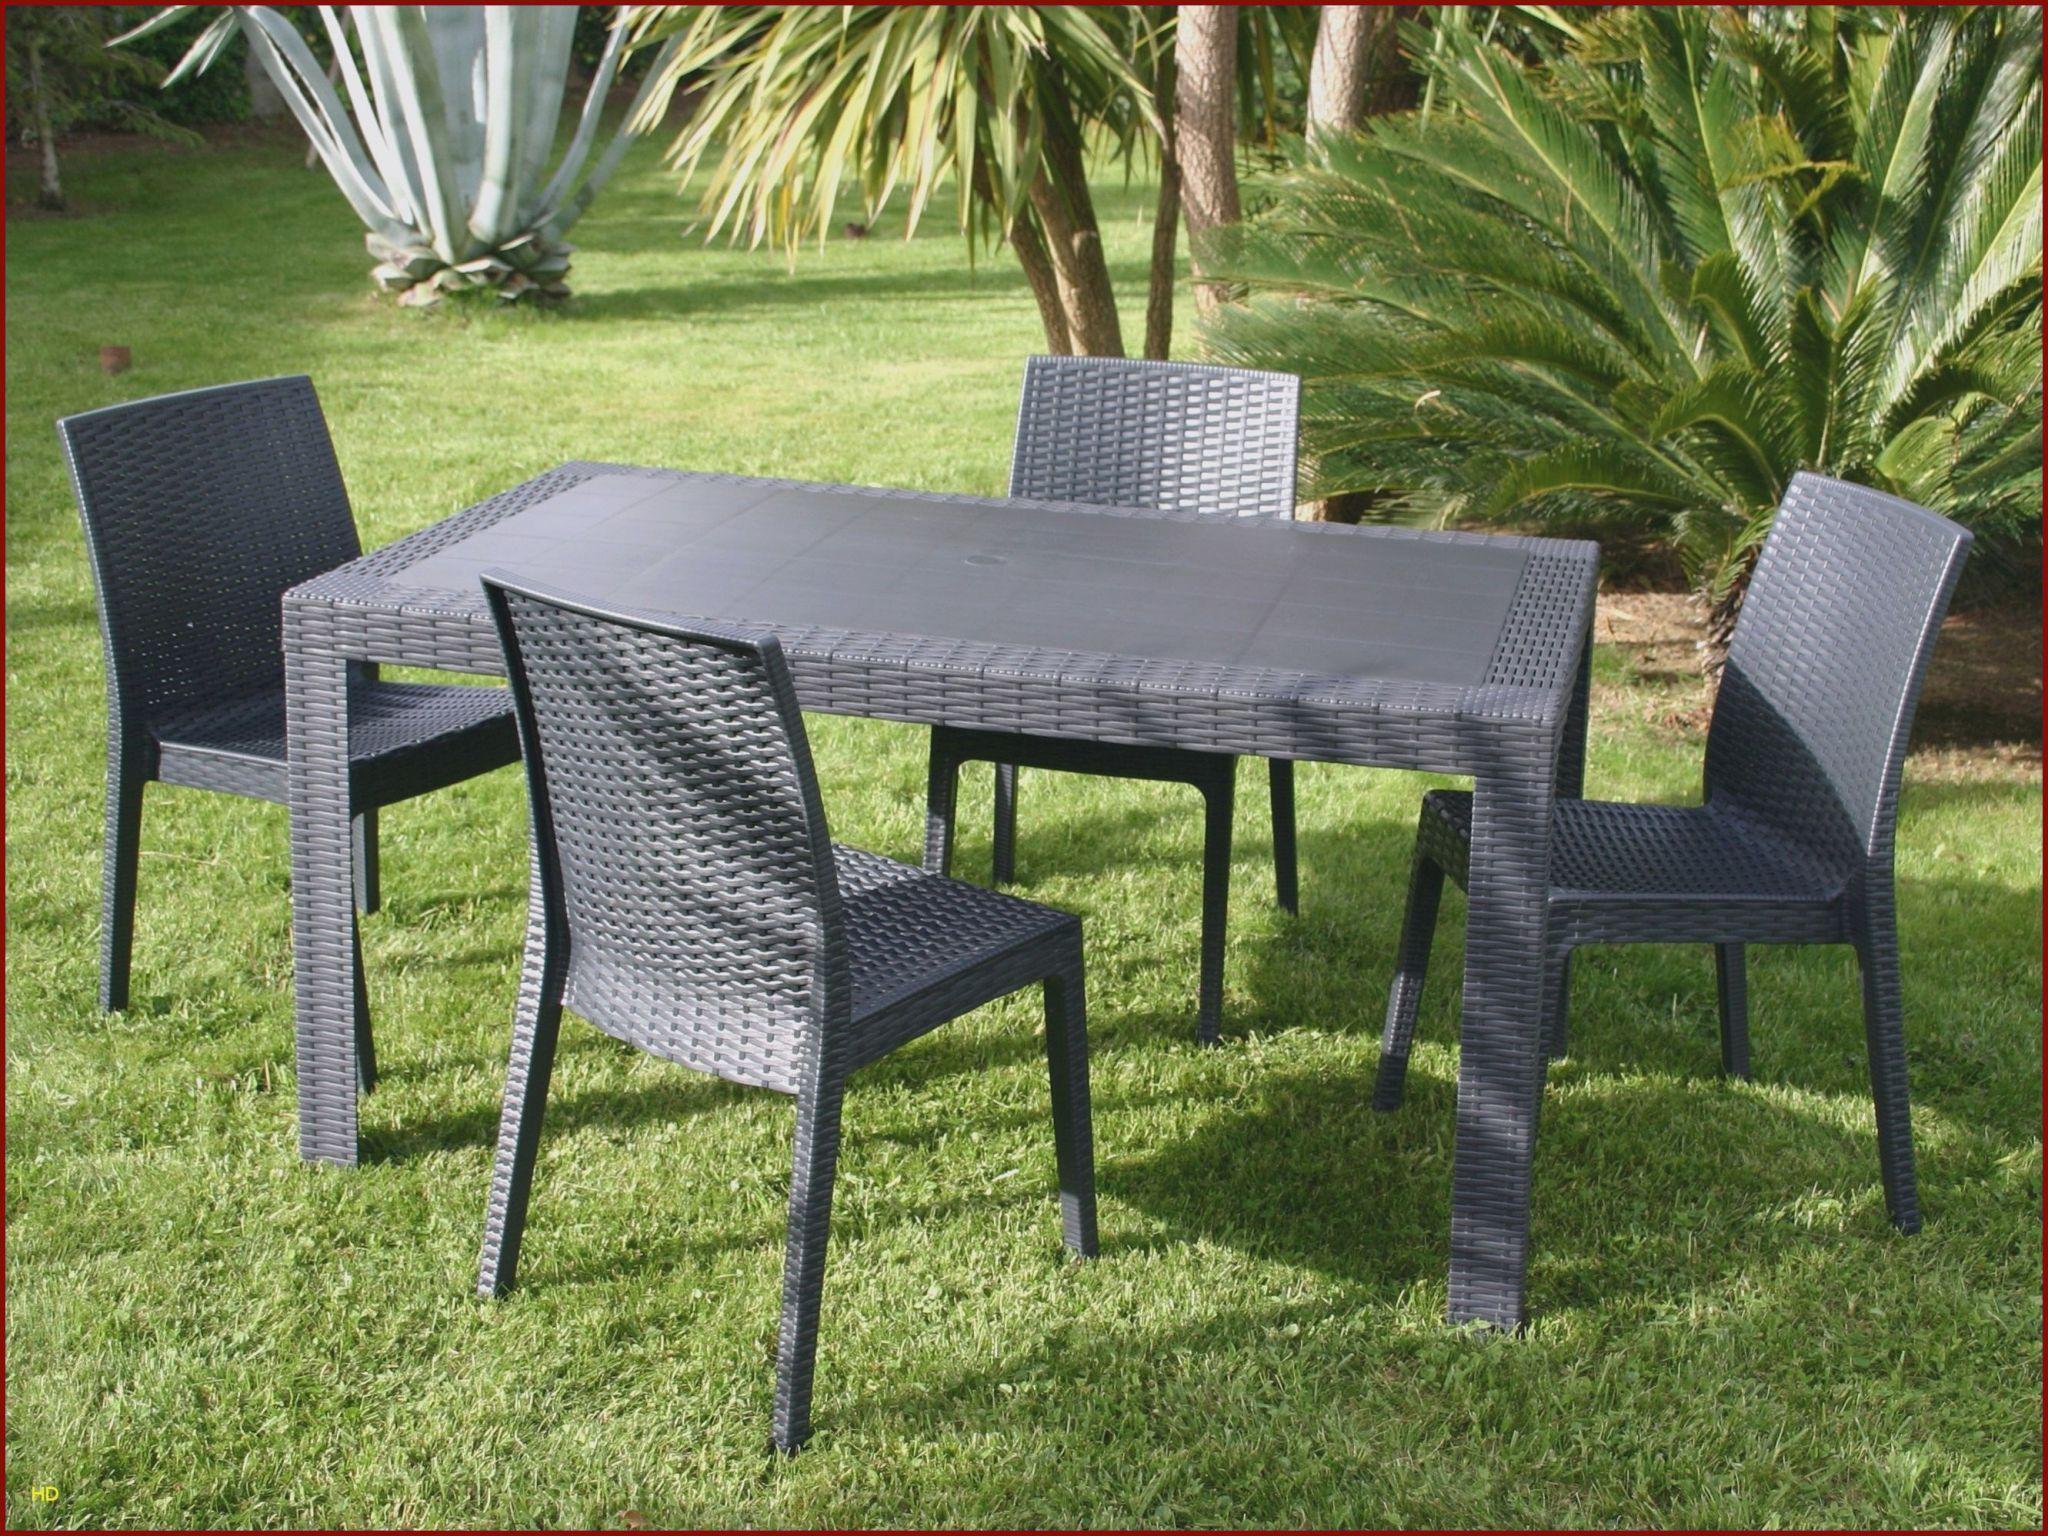 chaise de jardin bois best of chaises luxe chaise ice 0d table jardin resine lovely de chaise de jardin bois